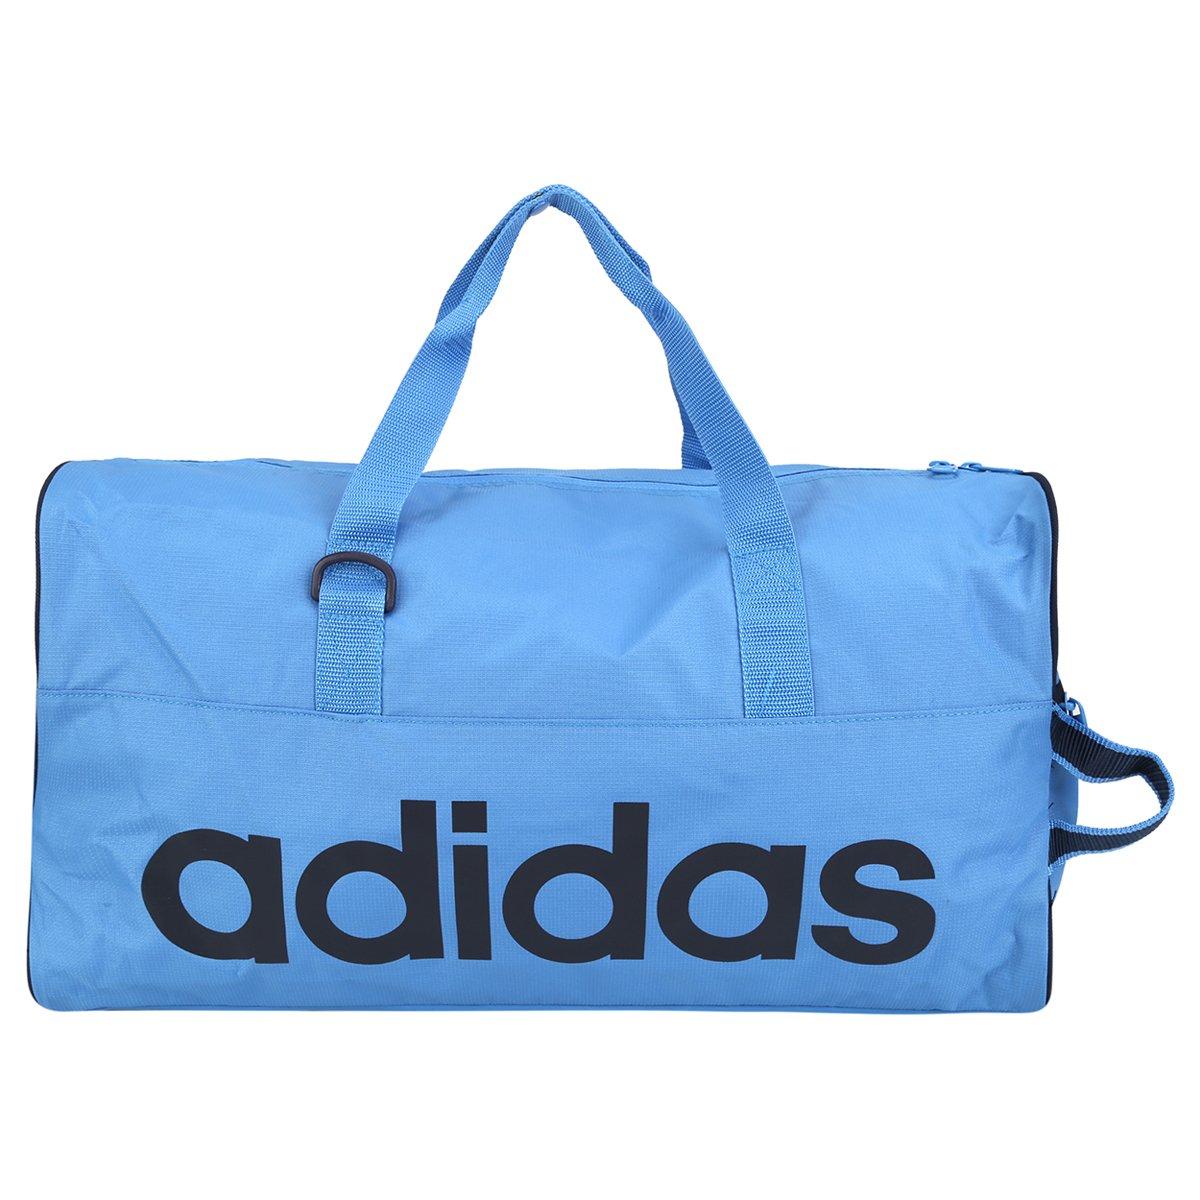 d47bc626700ac Mala Adidas Essentials Linear - Compre Agora